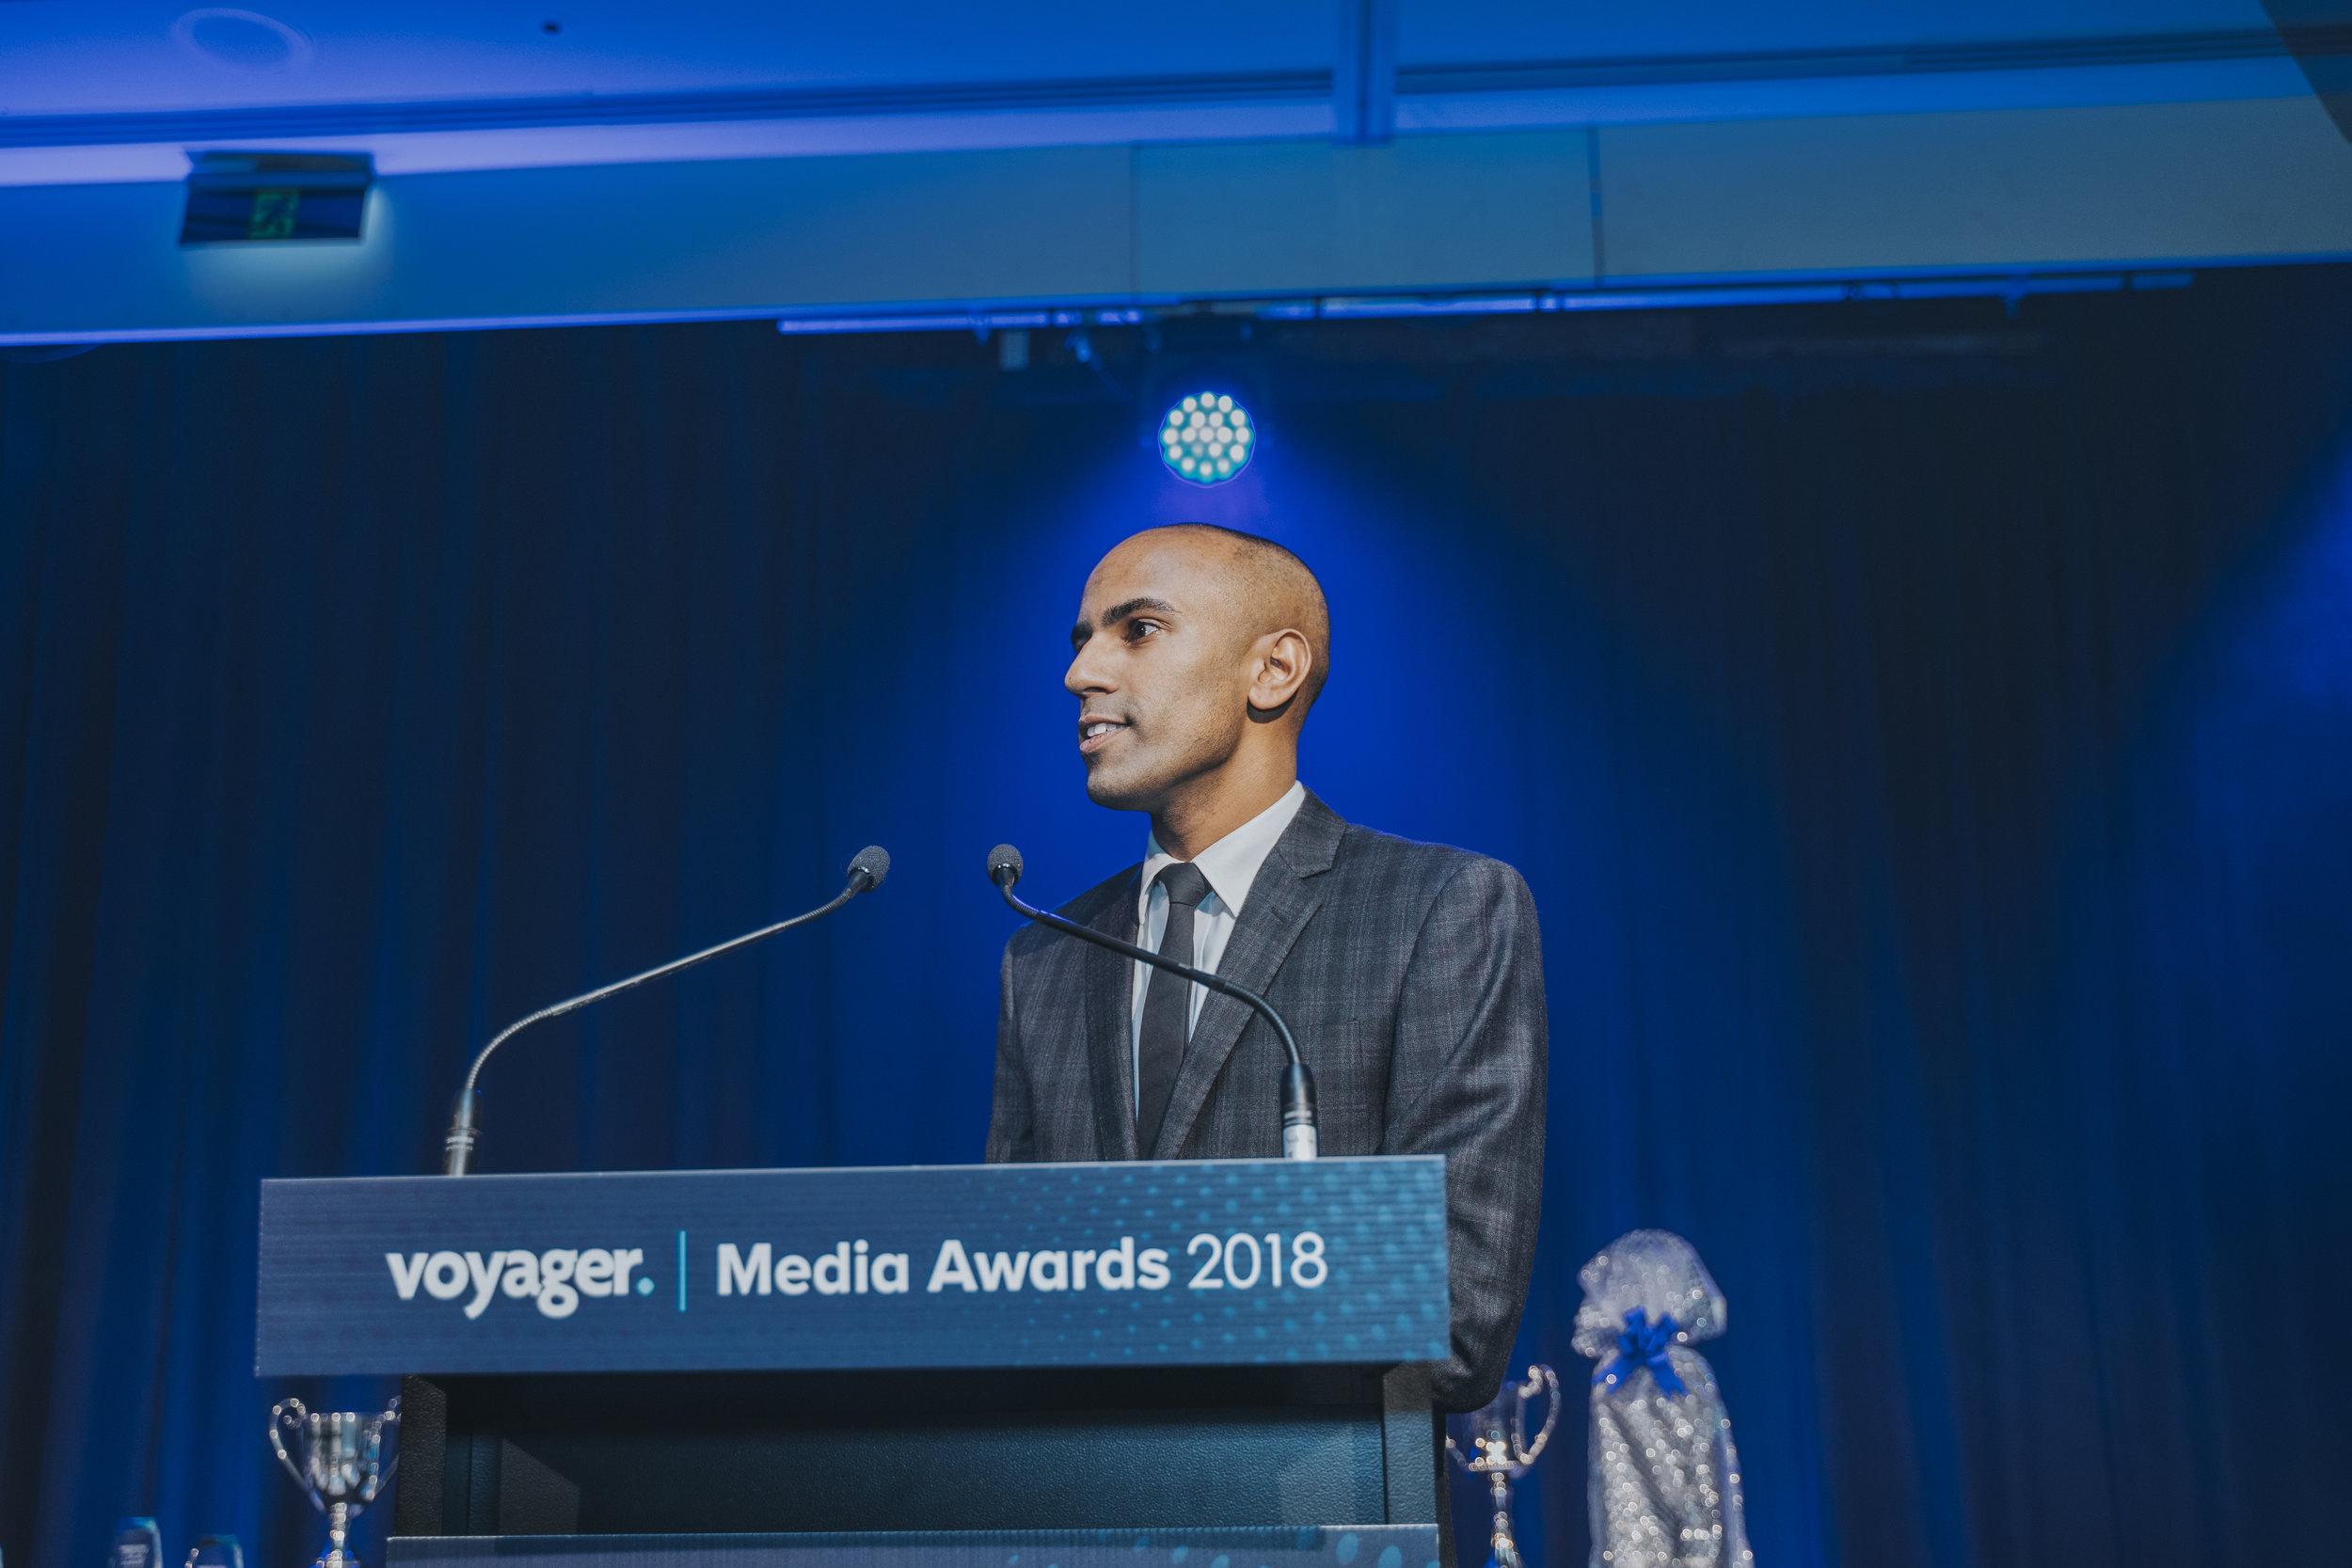 Voyager Media Awards 2018-188.JPG